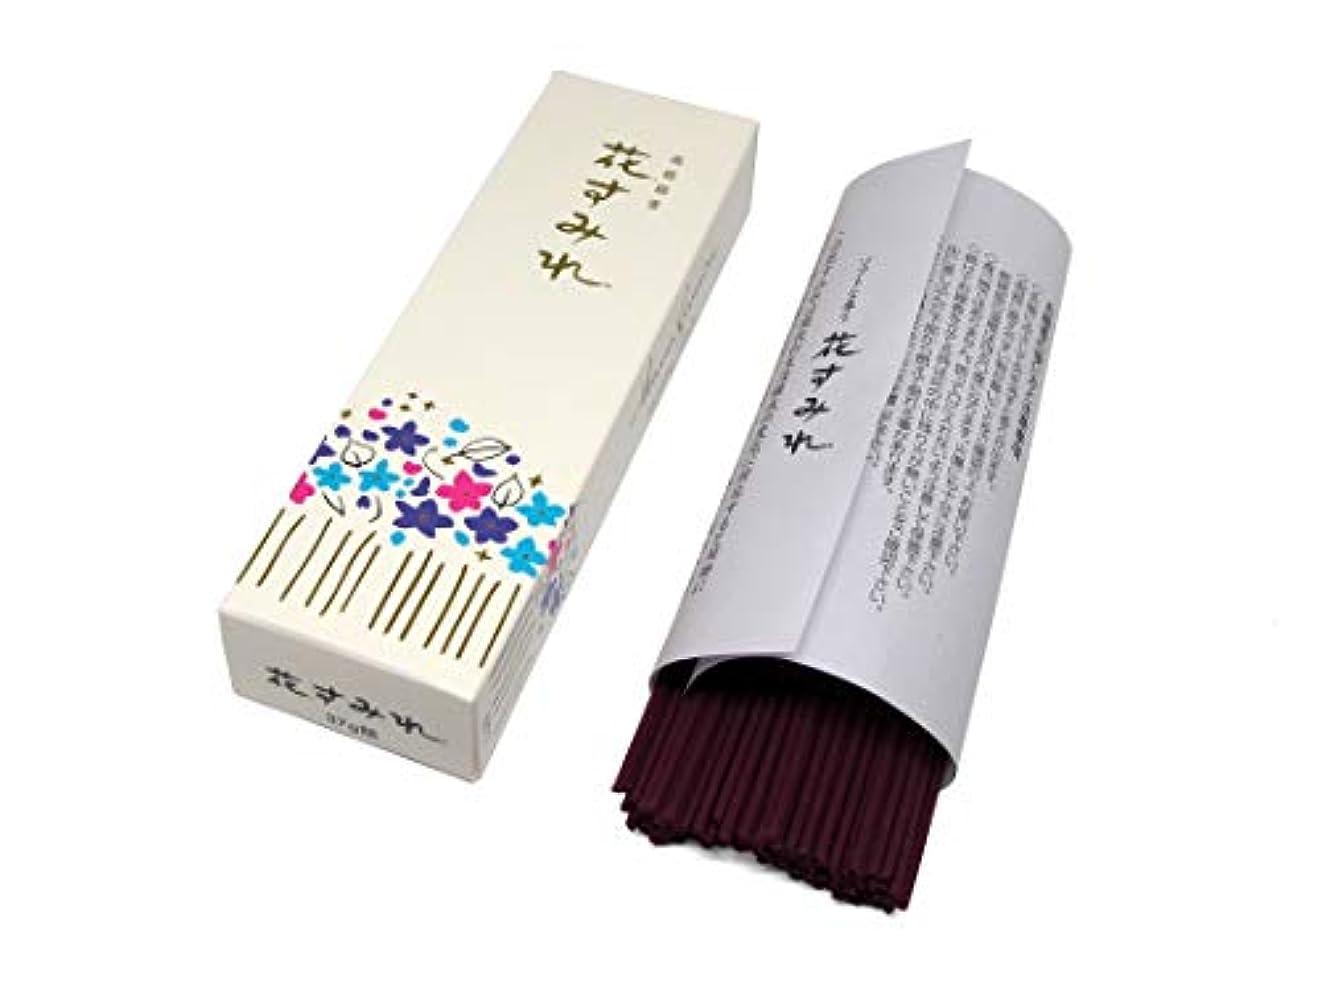 アーチラテンアラブ人Gyokushodo 日本製お香スティック Hana Sumire - 花の香り バイオレット - ミディアムパック - 5.5インチ 110本 - 日本製